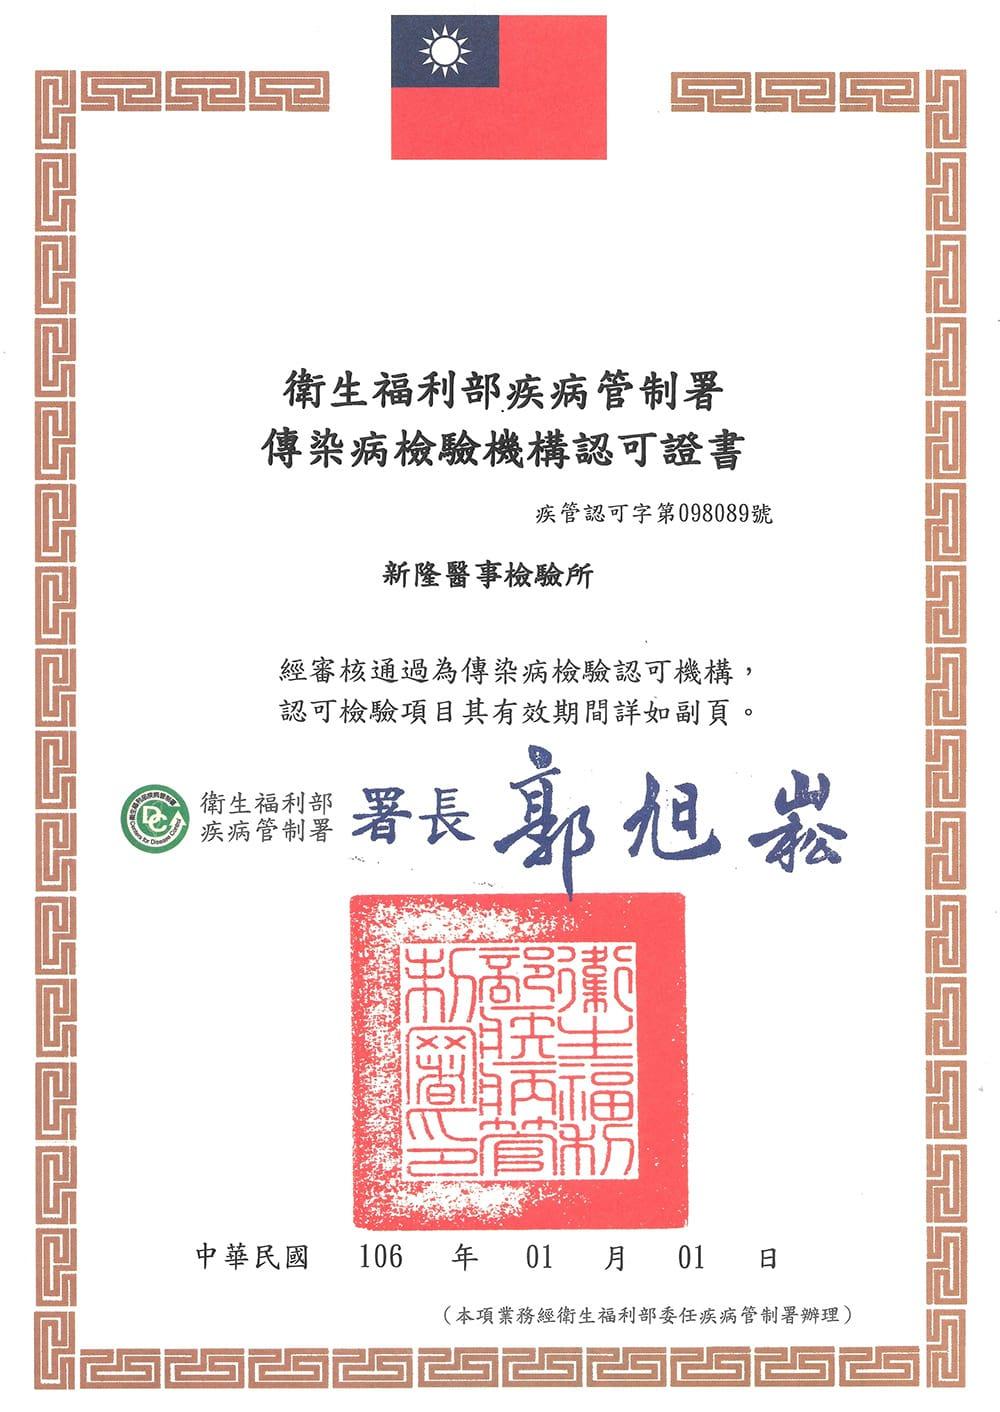 20190702傳染病證書-高解析-3